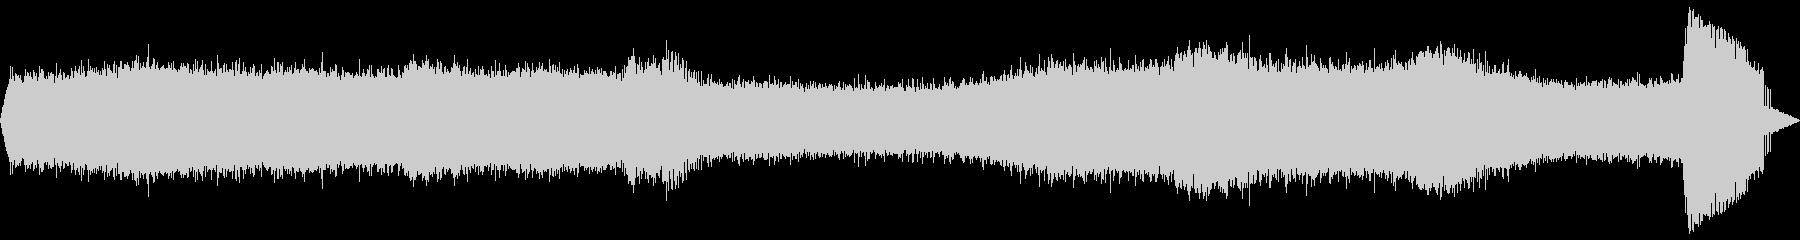 【自然音】蝉の鳴き声01の未再生の波形